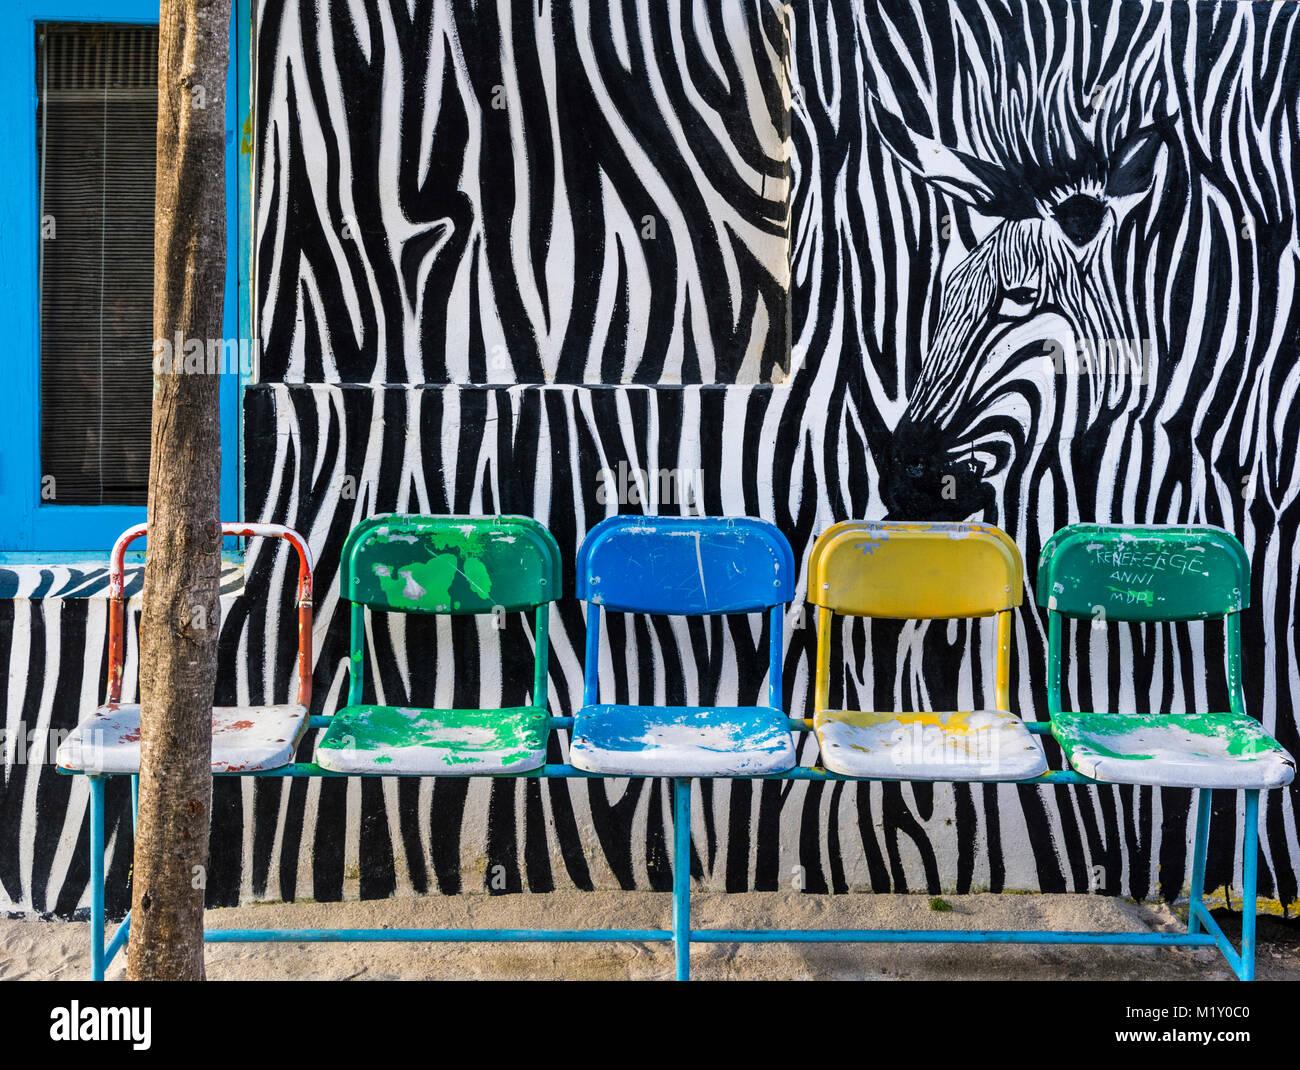 Mit Zerbramuster bemaltes Haus auf er Insel Velhidhoo, Malediven. Sitzplätze vor dem Haus sind hier üblich. Stockbild